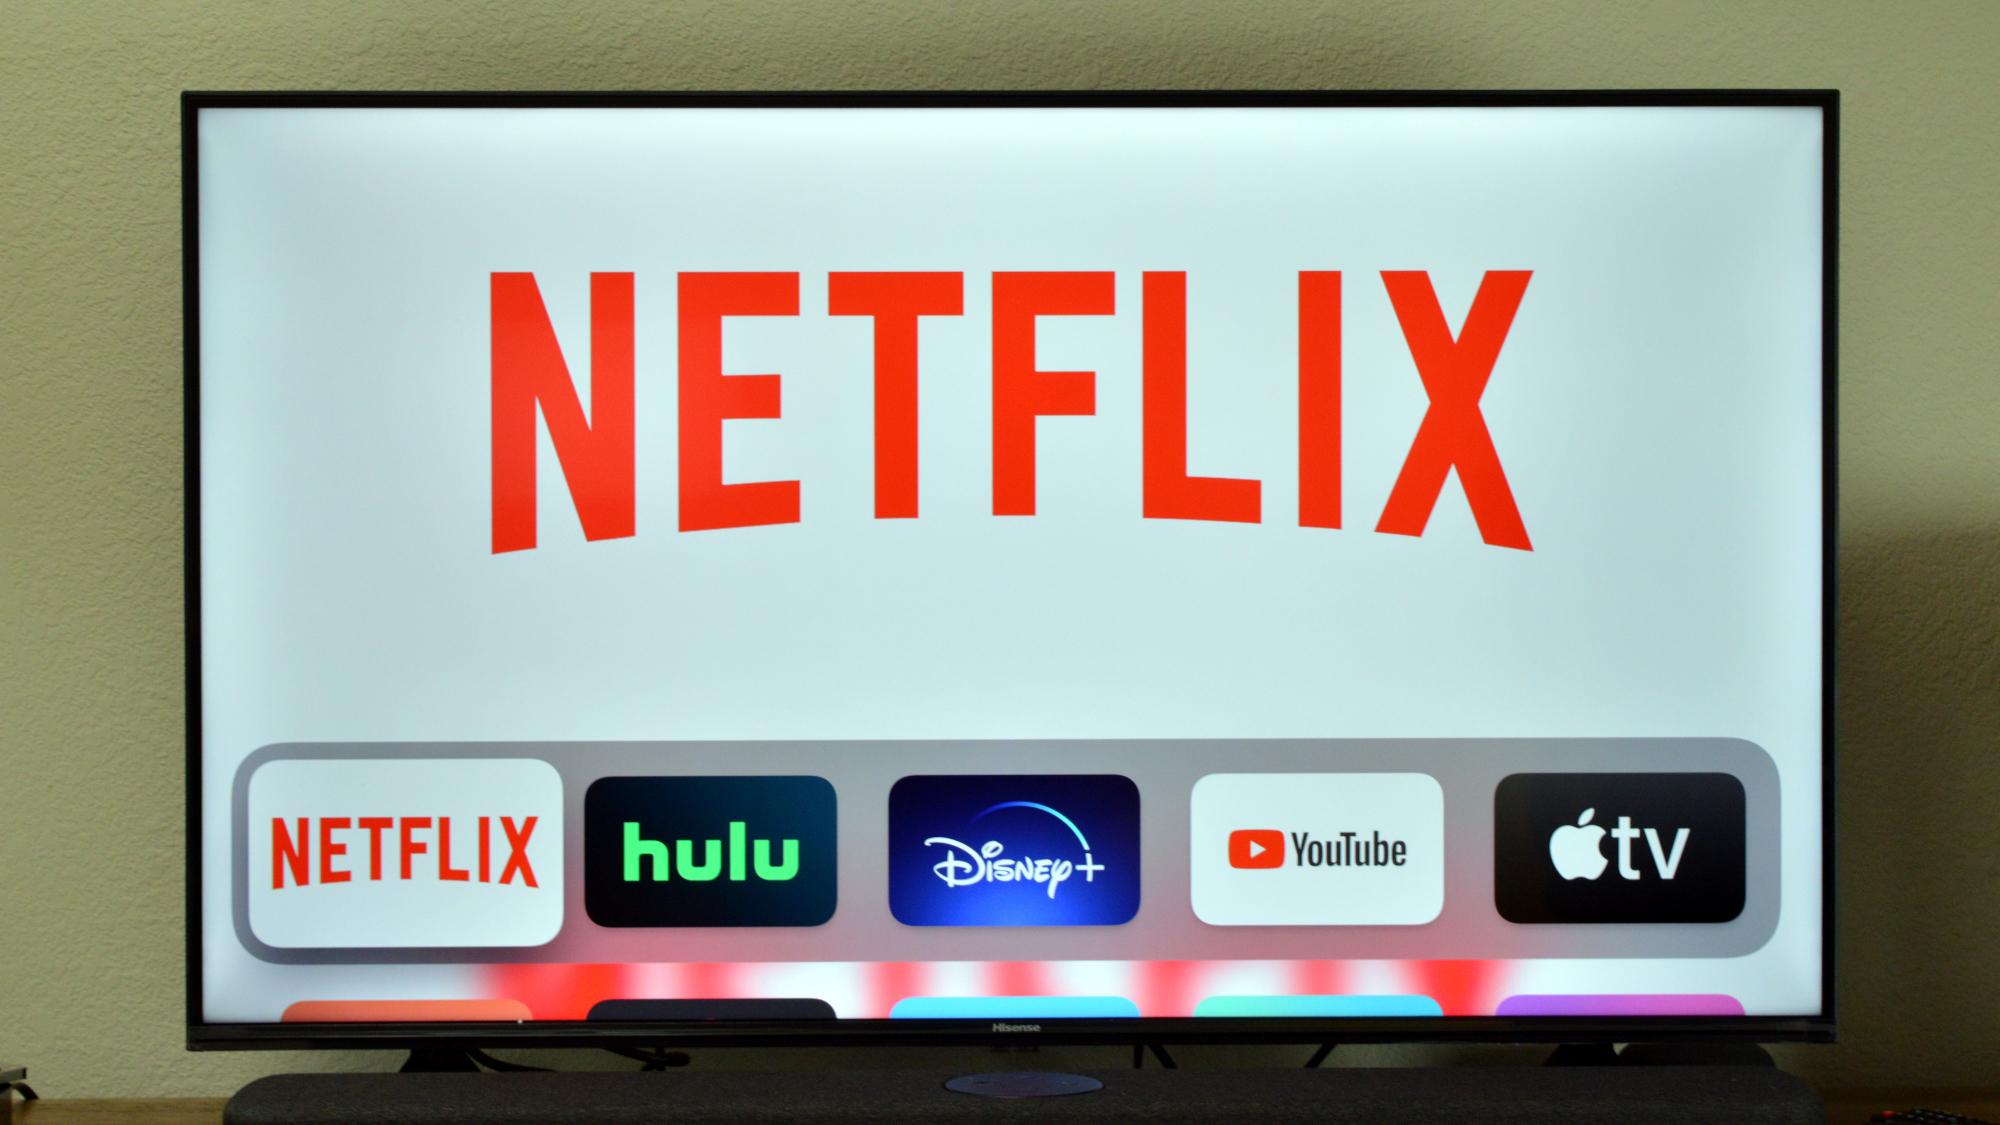 Singkirkan remote Apple TV Anda yang buruk dengan penggantian  ini di Amazon